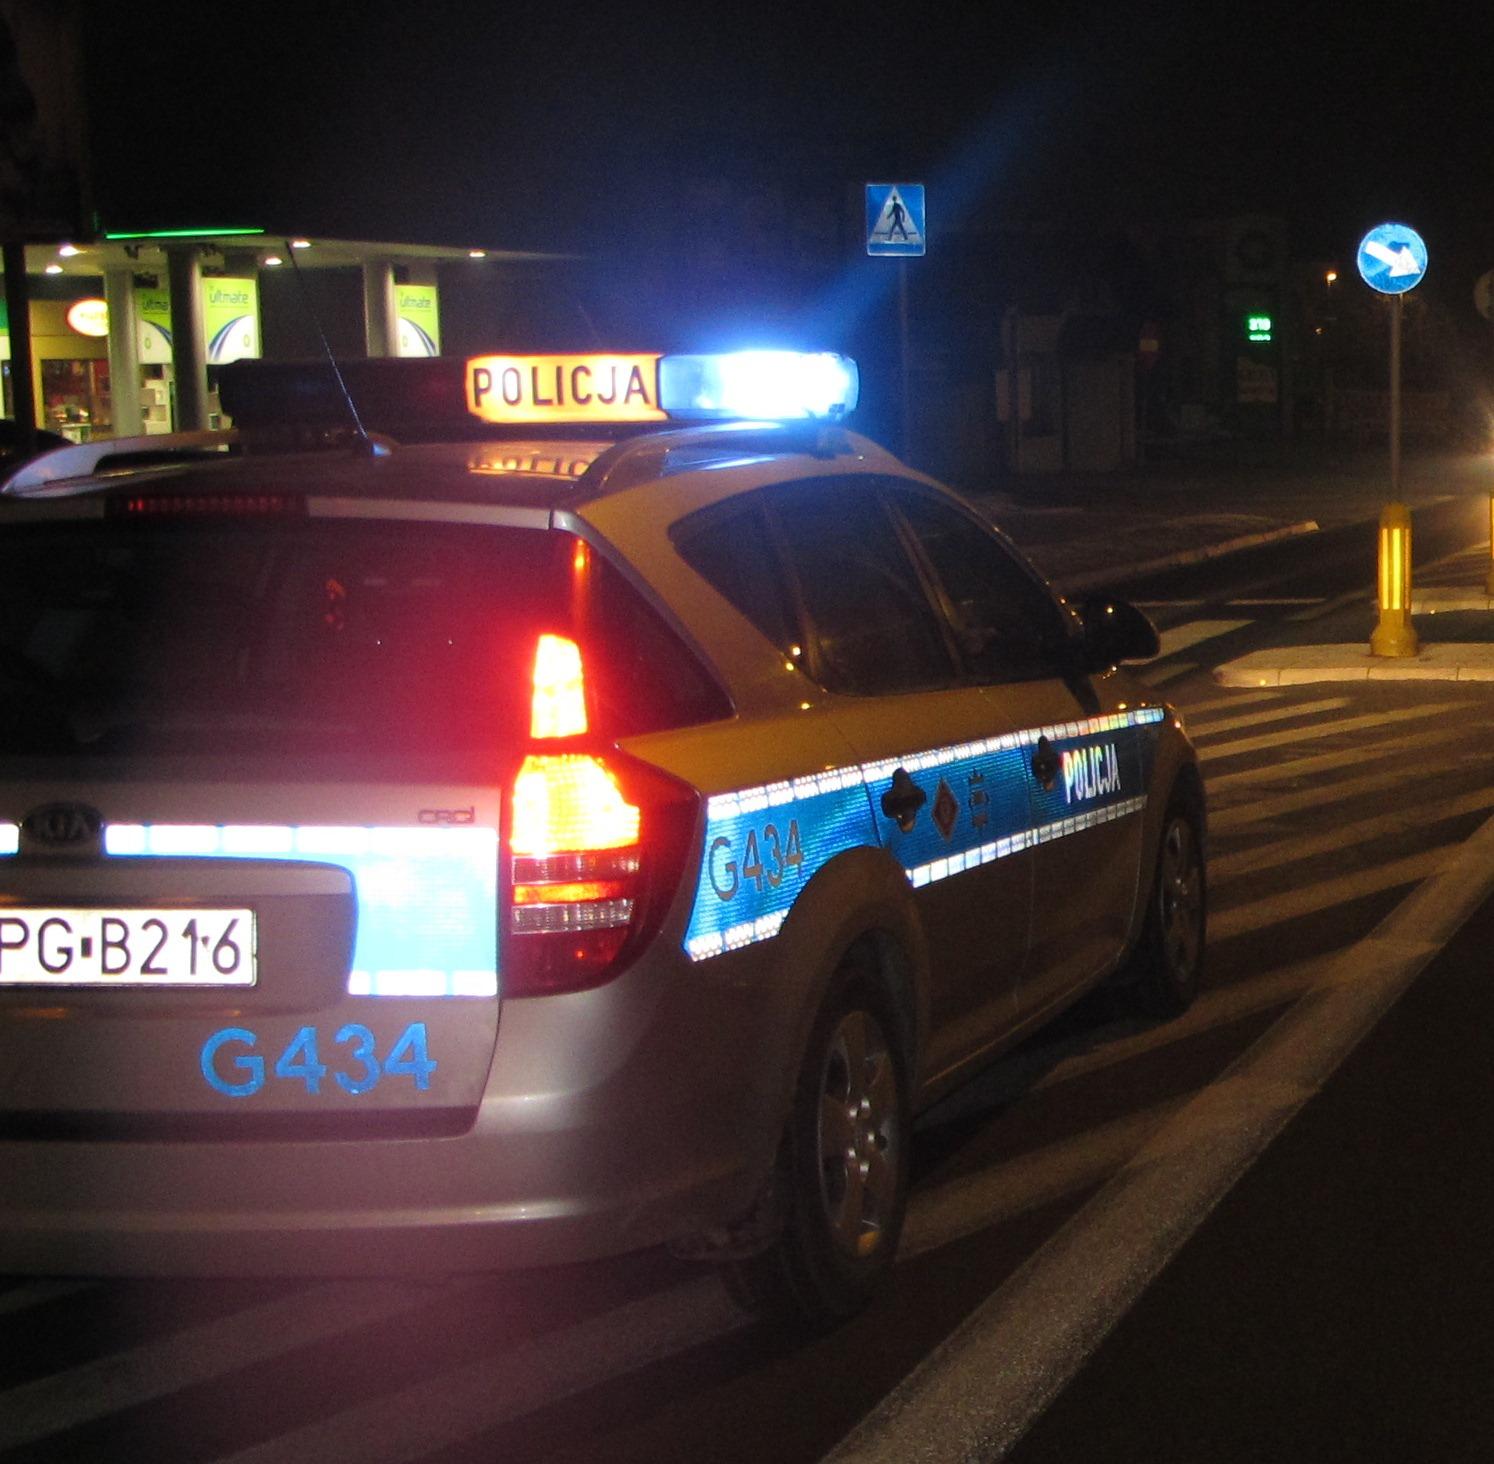 KPP Oświęcim radiowóz jadący ulicą na sygnałach w nocy